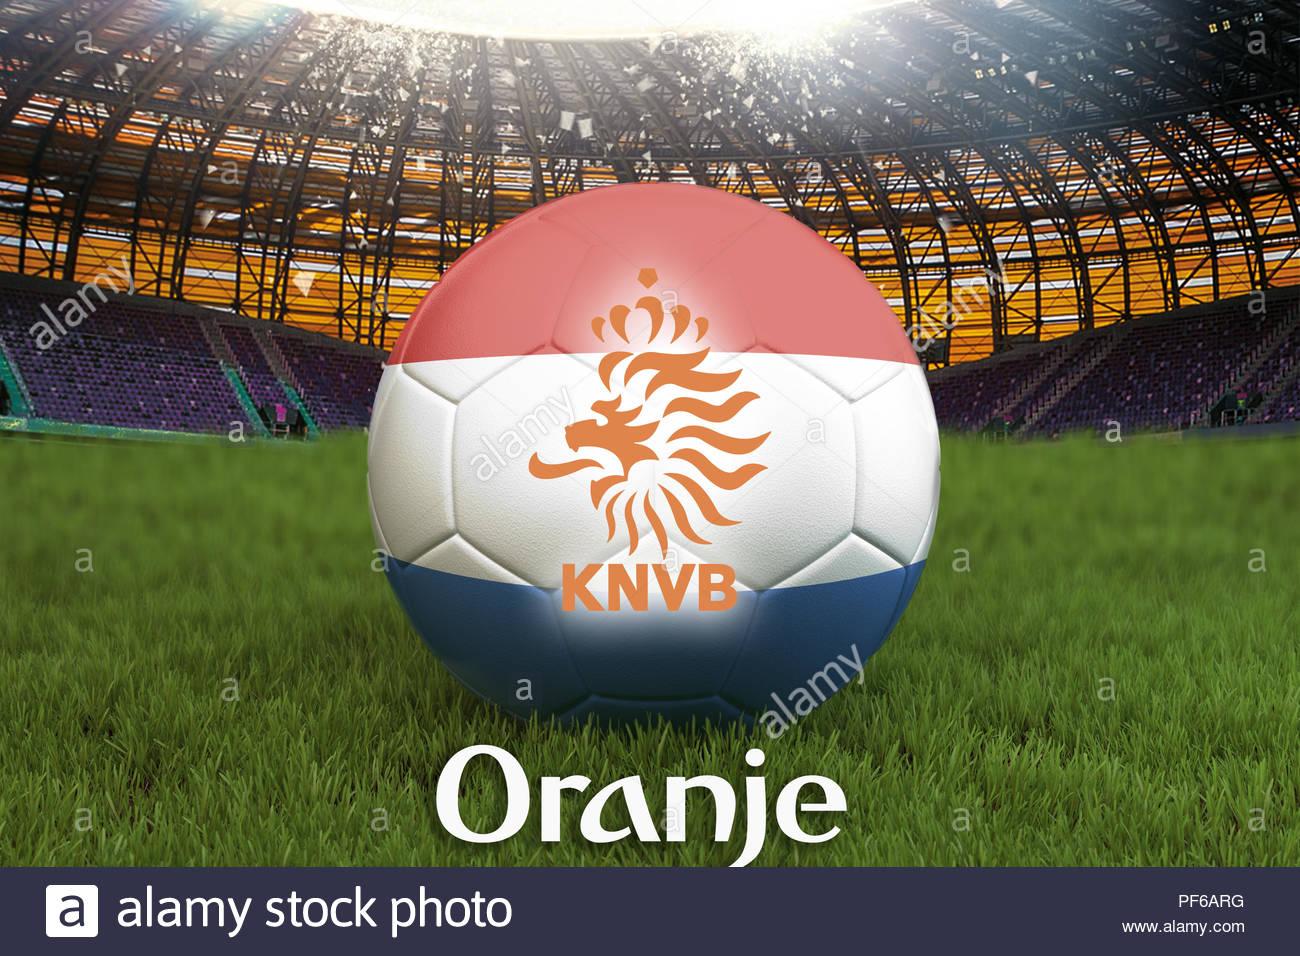 Oranje on Netherlands language on football team ball on big 1300x956